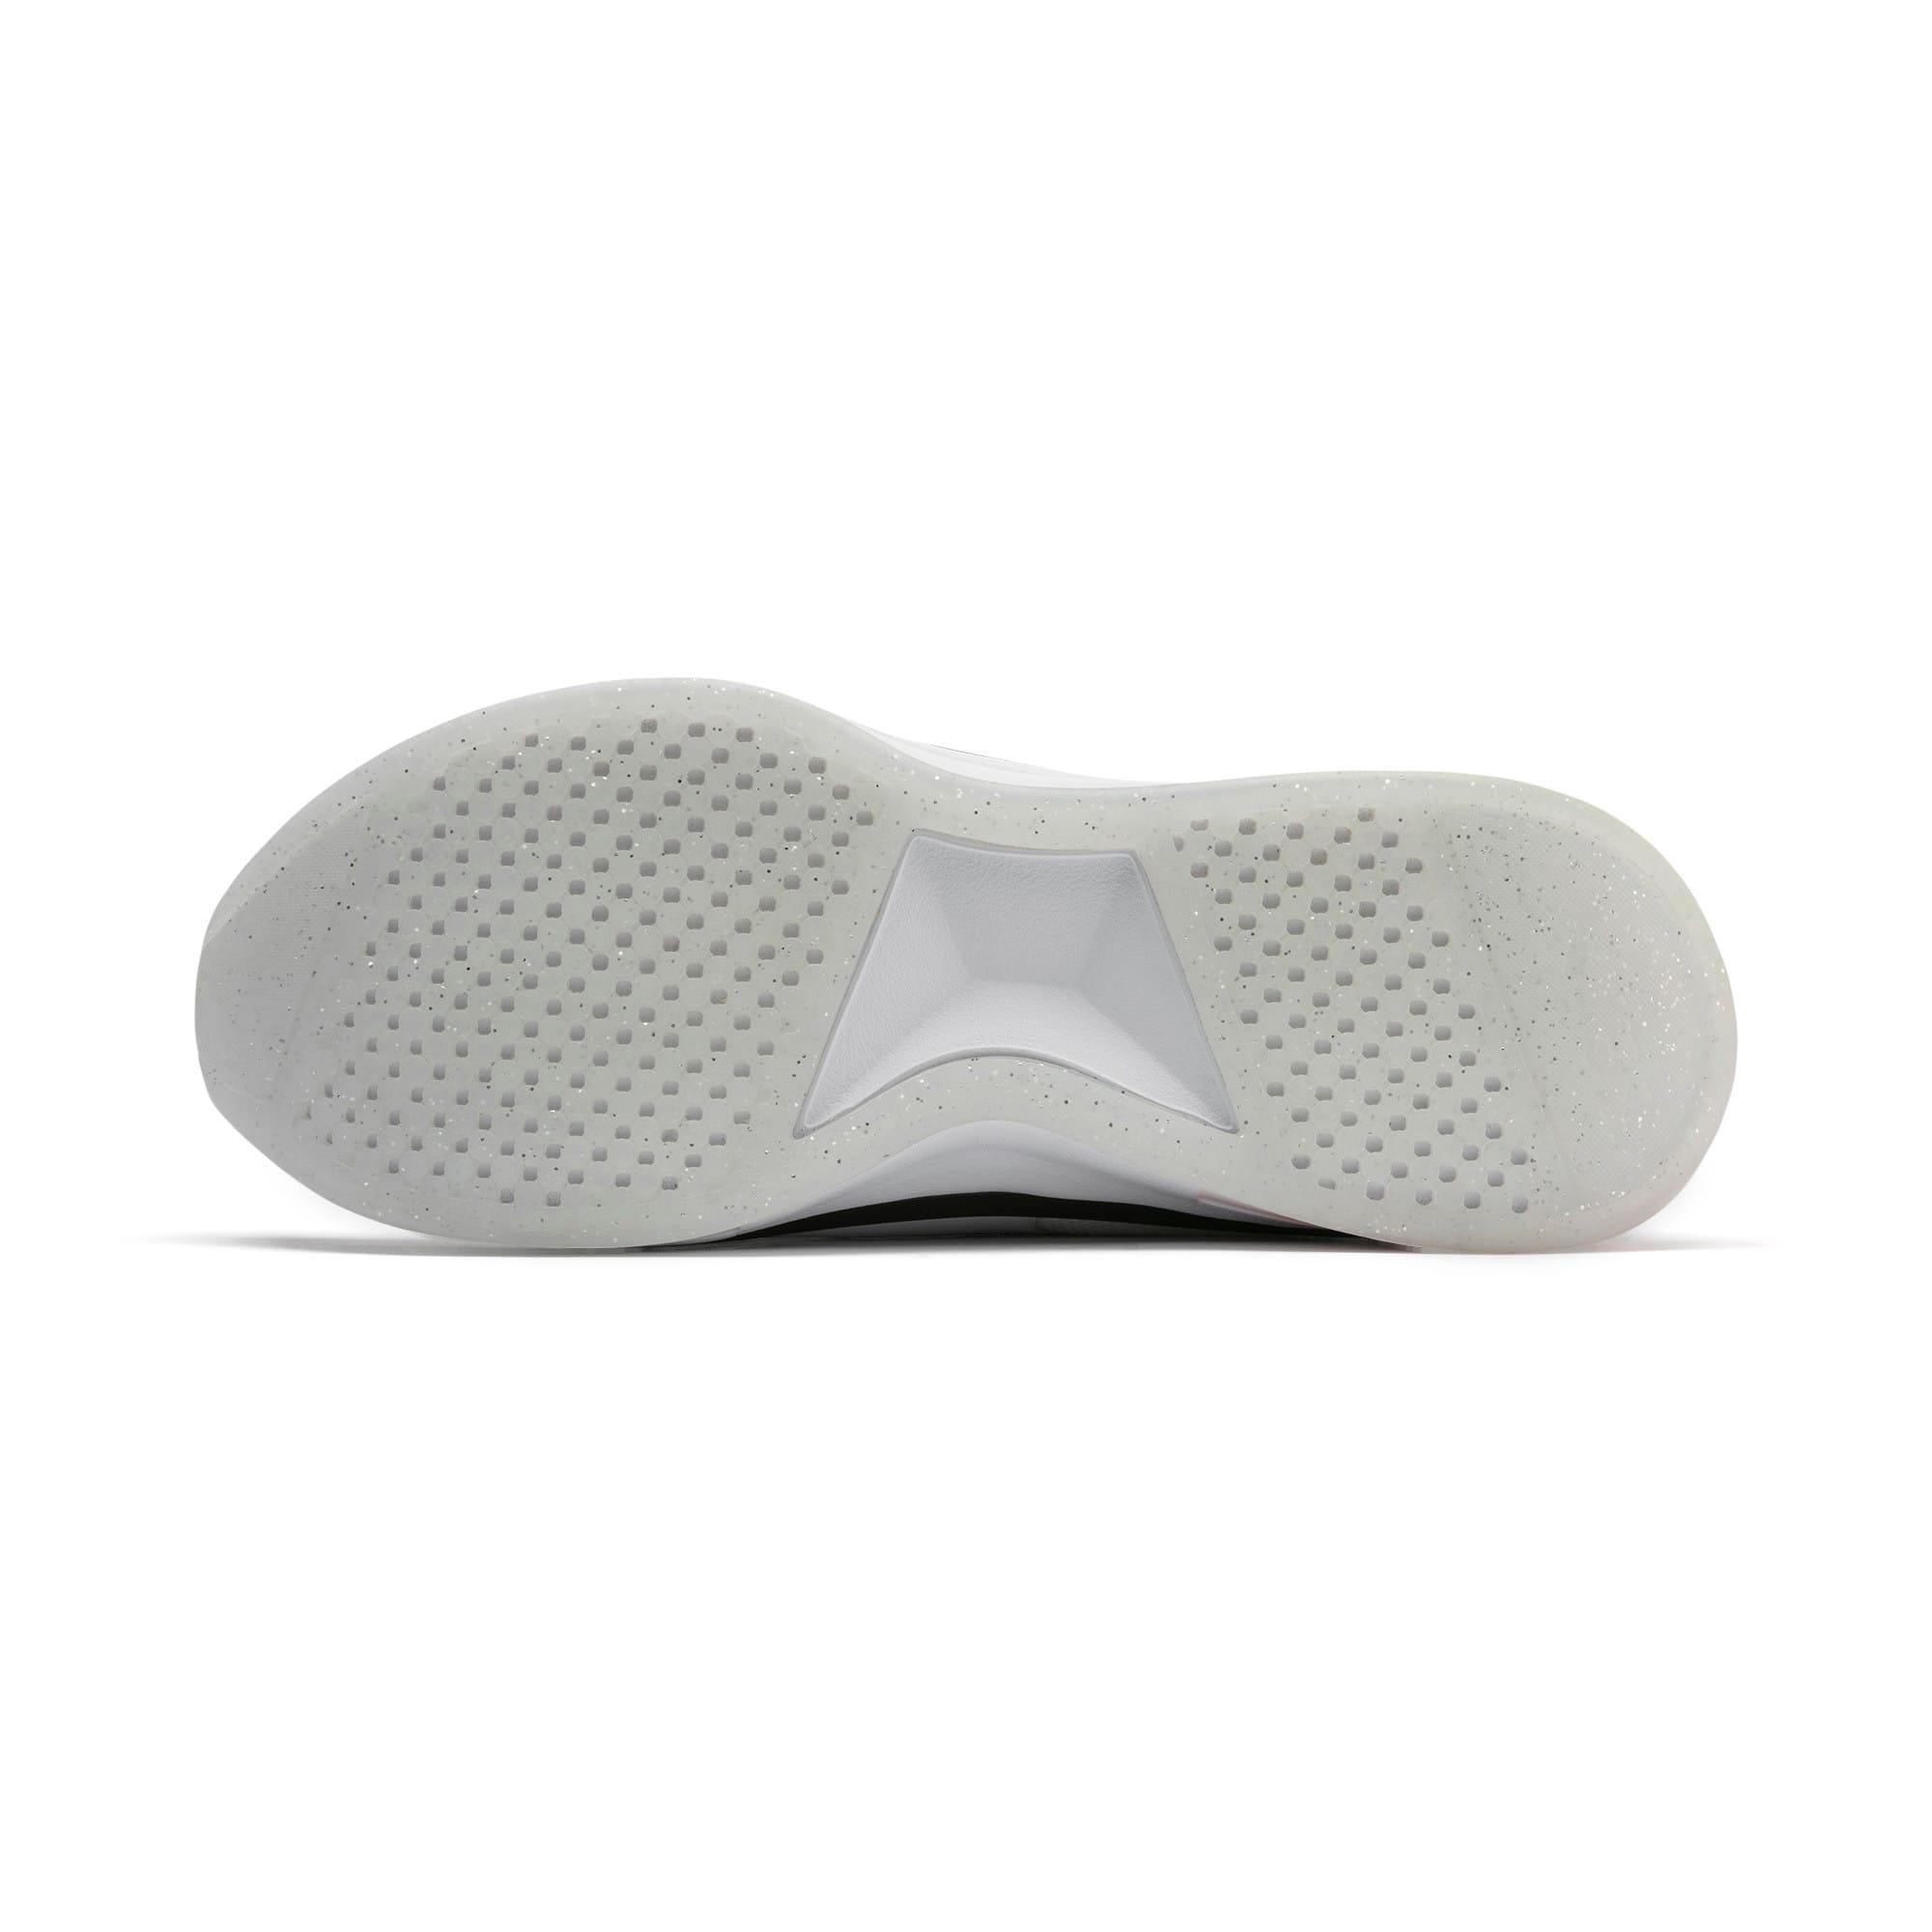 Imagen en miniatura 5 de Zapatillas sin cierres de mujer PUMA x SELENA GOMEZ, Puma blanco - Puma negro, mediana